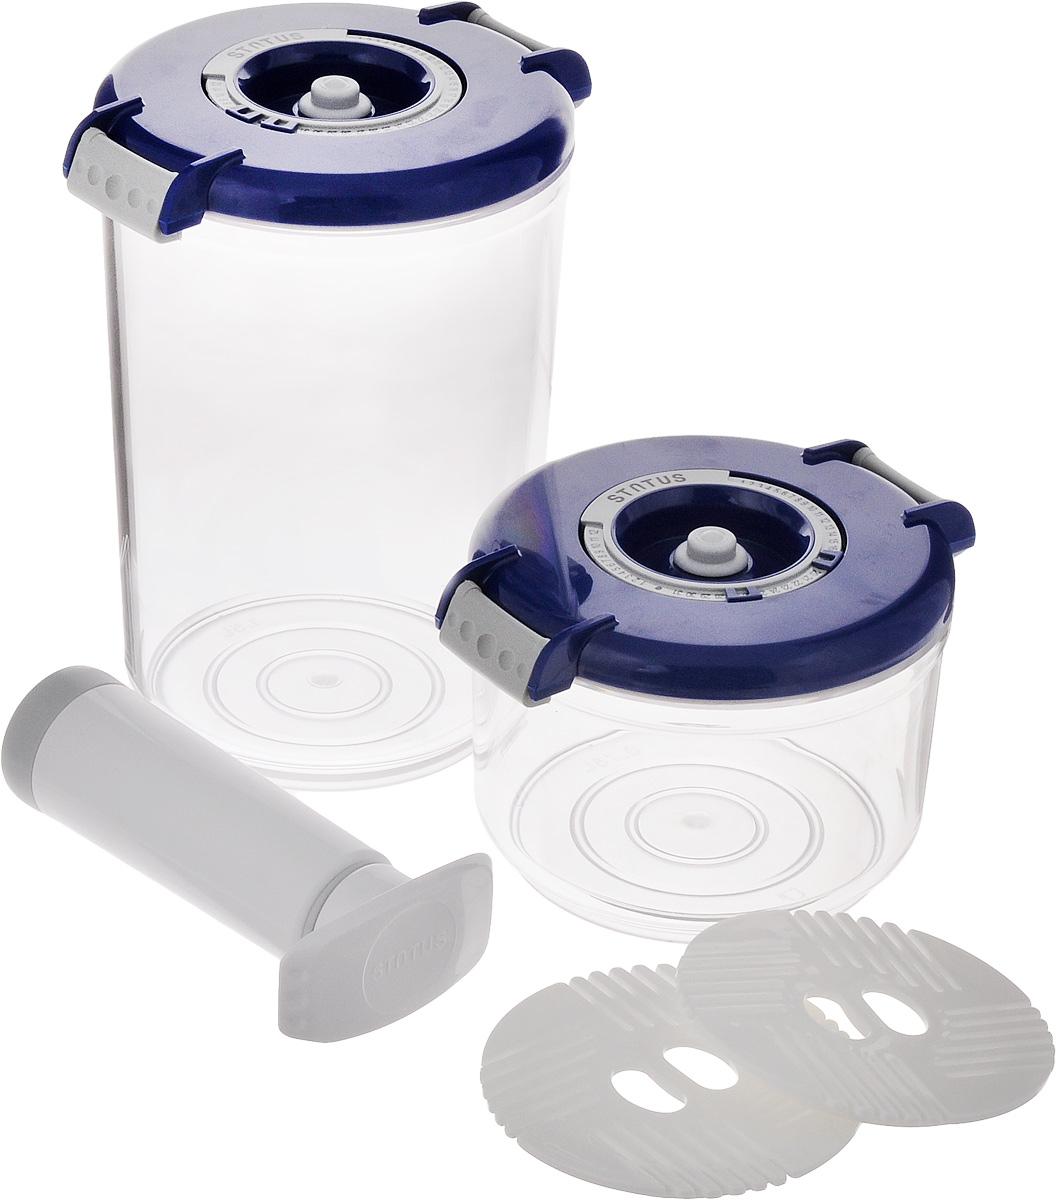 Набор вакуумных контейнеров Status, цвет: прозрачный, синий, 2 шт + ПОДАРОК: Вакуумный ручной насосRC Set lower RedБлагодаря использованию вакуумных контейнеров Status, продукты не подвергаются внешнему воздействию, и срок хранения значительно увеличивается. Продукты сохраняют свои вкусовые качества и аромат, а запахи в холодильнике не перемешиваются. В контейнерах рекомендуется хранить: сахар, кофе в зернах, чай, муку, крупы, соусы, супы.Особенности контейнеров:Прочный хрустально-прозрачный тританКруглая форма контейнеровИндикатор даты на крышке (месяц, число)BPA-FreeДопускается замораживание (до -21 °C), мойка контейнера в ПММ, разогрев в СВЧ (без крышки).В комплекте имеется вакуумный ручной насос, с помощью которого одним простым движением можно быстро выкачать воздух из контейнераОбъем контейнеров: 1,5 л, 0,75 л.Диаметр контейнеров (по верхнему краю): 13 см.Диаметр основания контейнеров: 10,5 см.Высота контейнеров (без учета крышки): 8 см, 17,5 см.Высота контейнеров (с учетом крышки): 9,5 см, 19 см.Диаметр поддонов: 9,7 см.Длина насоса (в сложенном виде): 14,2 см.Длина насоса (в разложенном виде): 23 см.